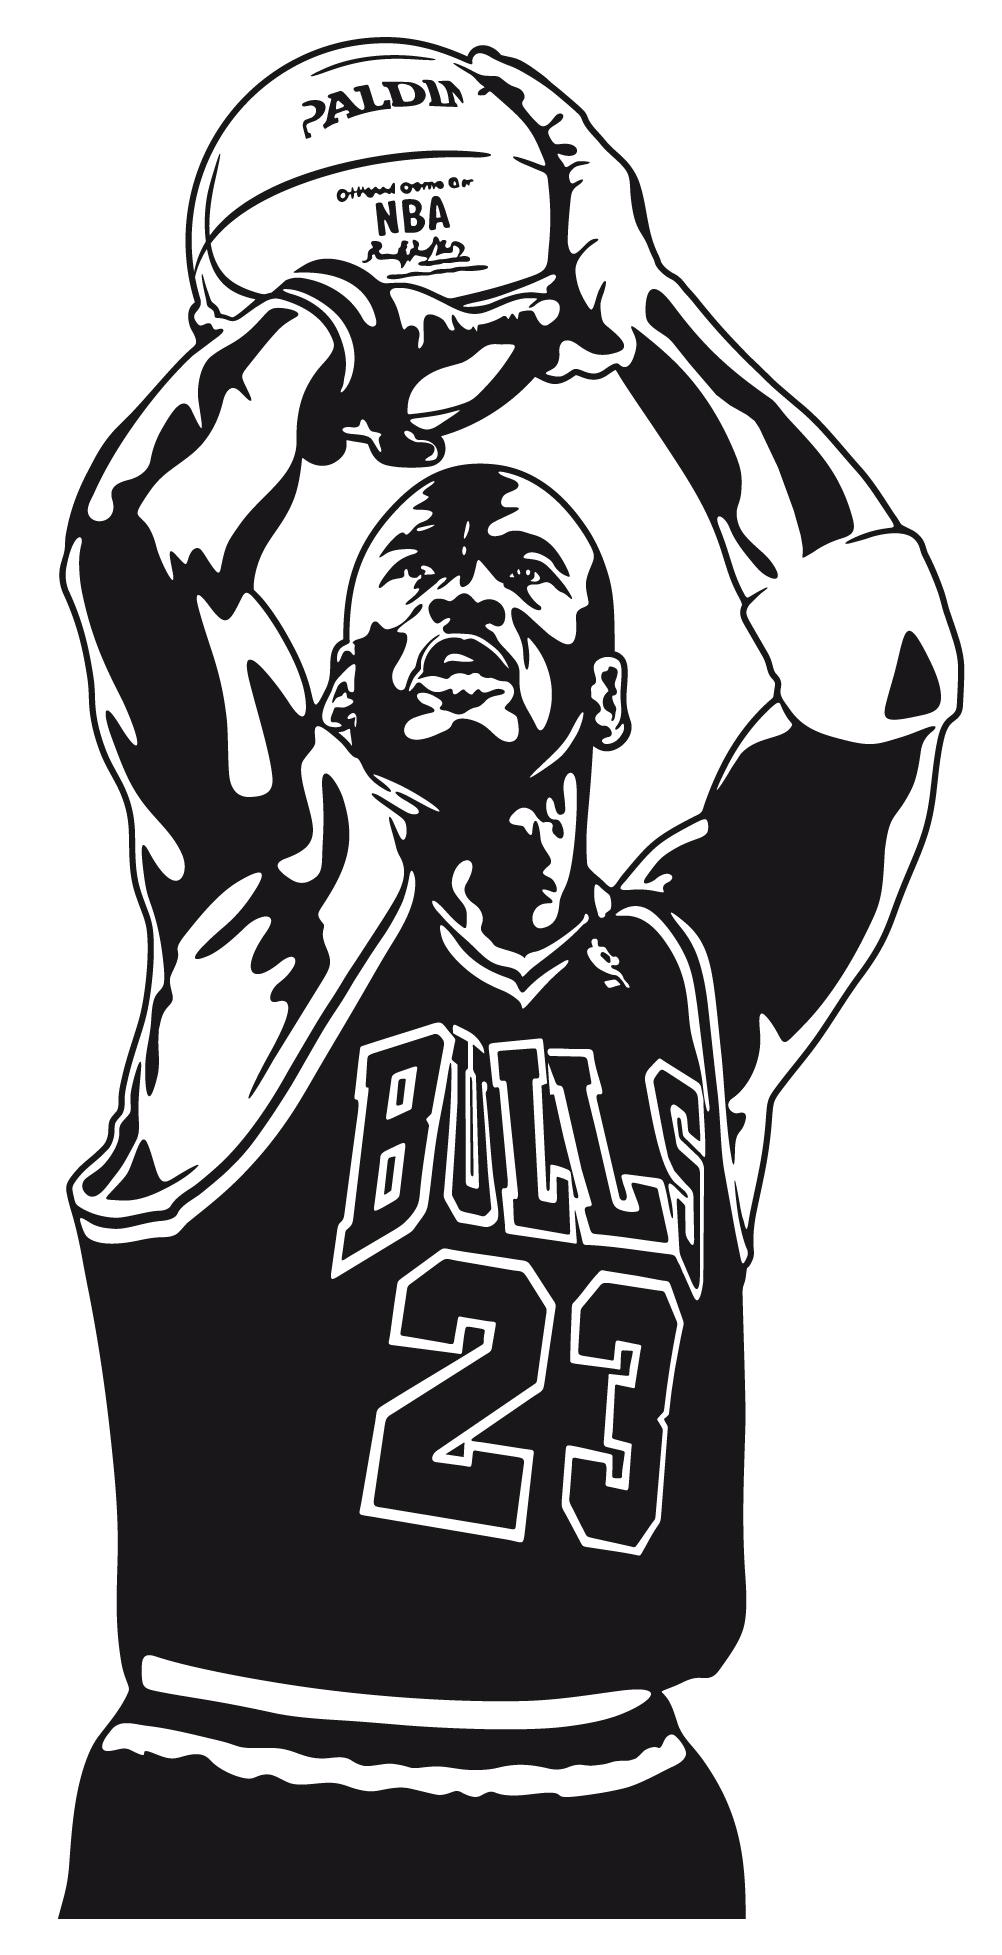 Michael Jordan Michael Jordan Vinilos Decorativos Vinilo Decorativo Michael Jordan Teleadhesivo Bas Michael Jordan Art Ball Drawing Basketball Drawings